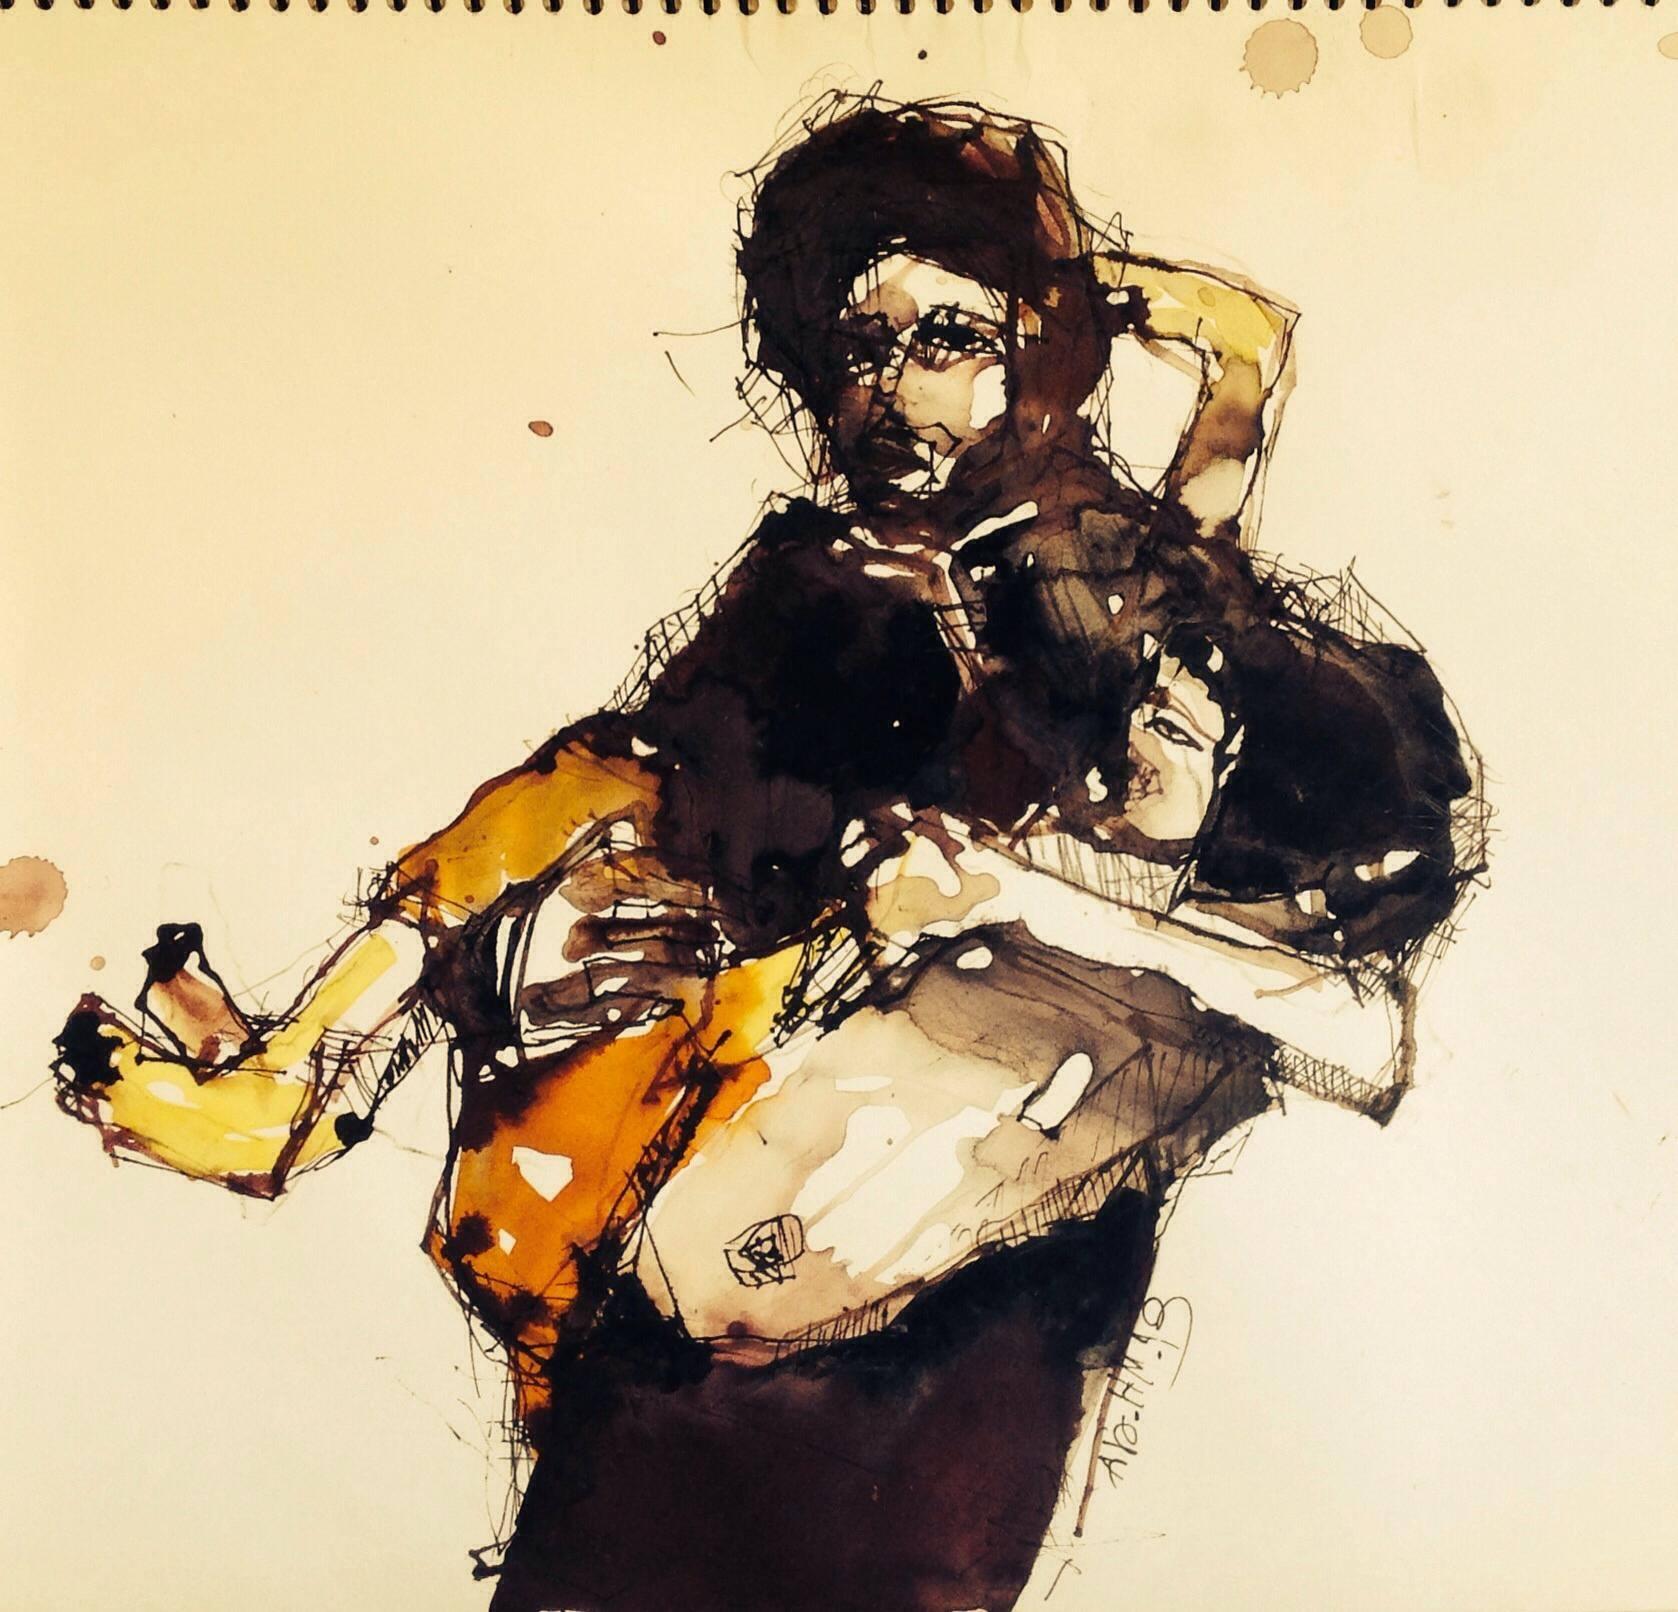 """علاء حمامة. حبر على ورق , من مجموعة """"مشاهد سورية"""" 2013"""